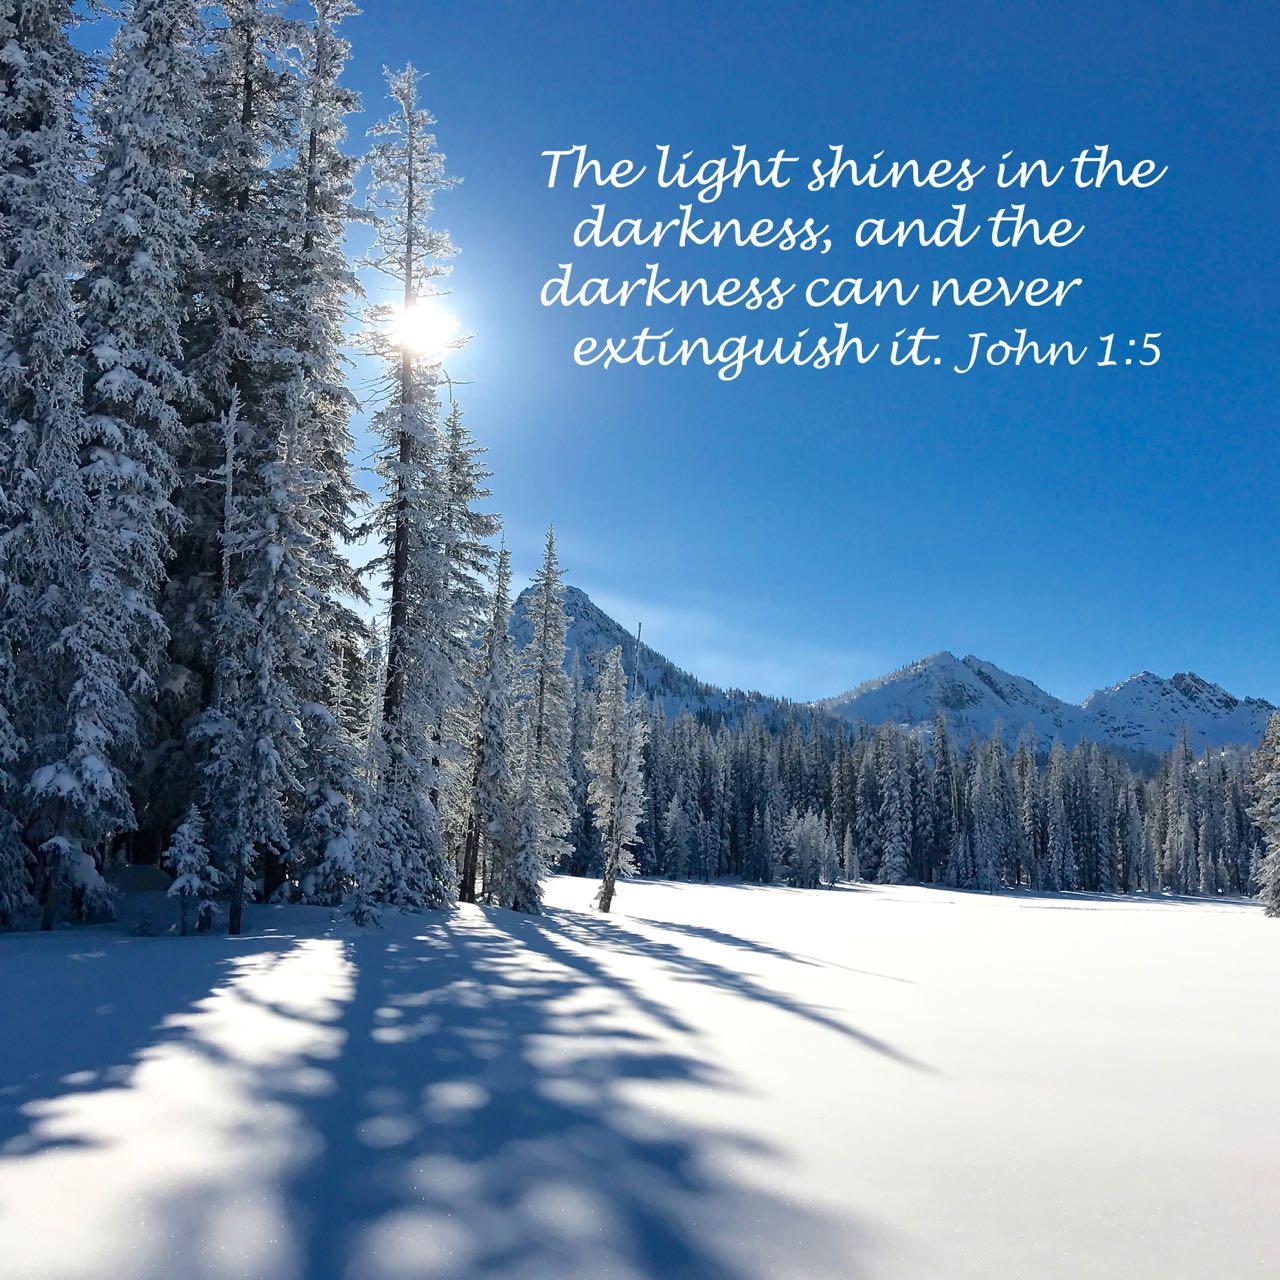 John 1 5 light shines